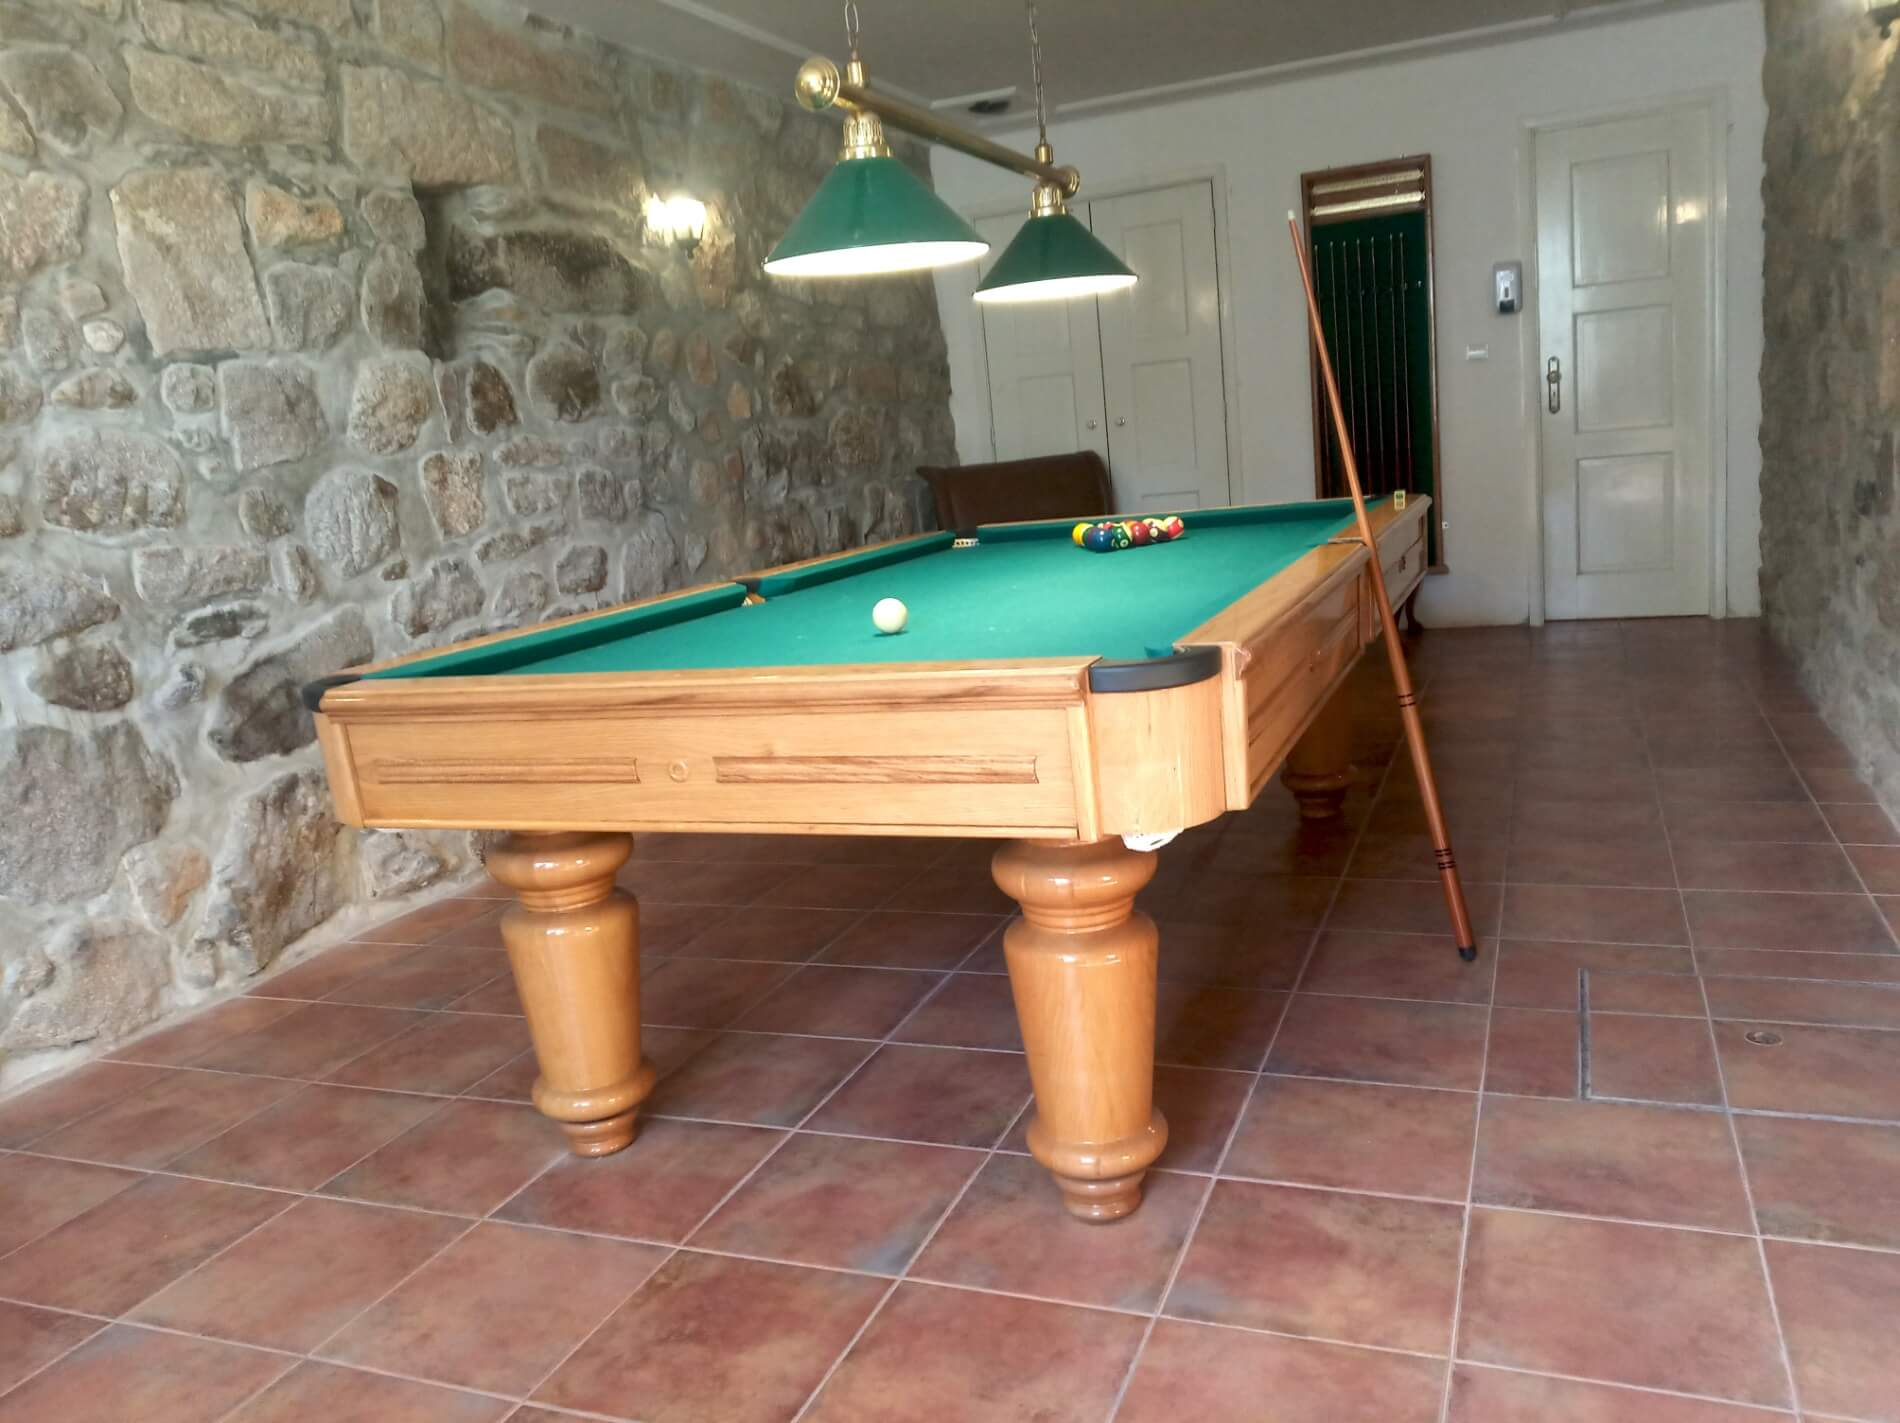 Snooker Quinta São Francisco em Viana do Castelo